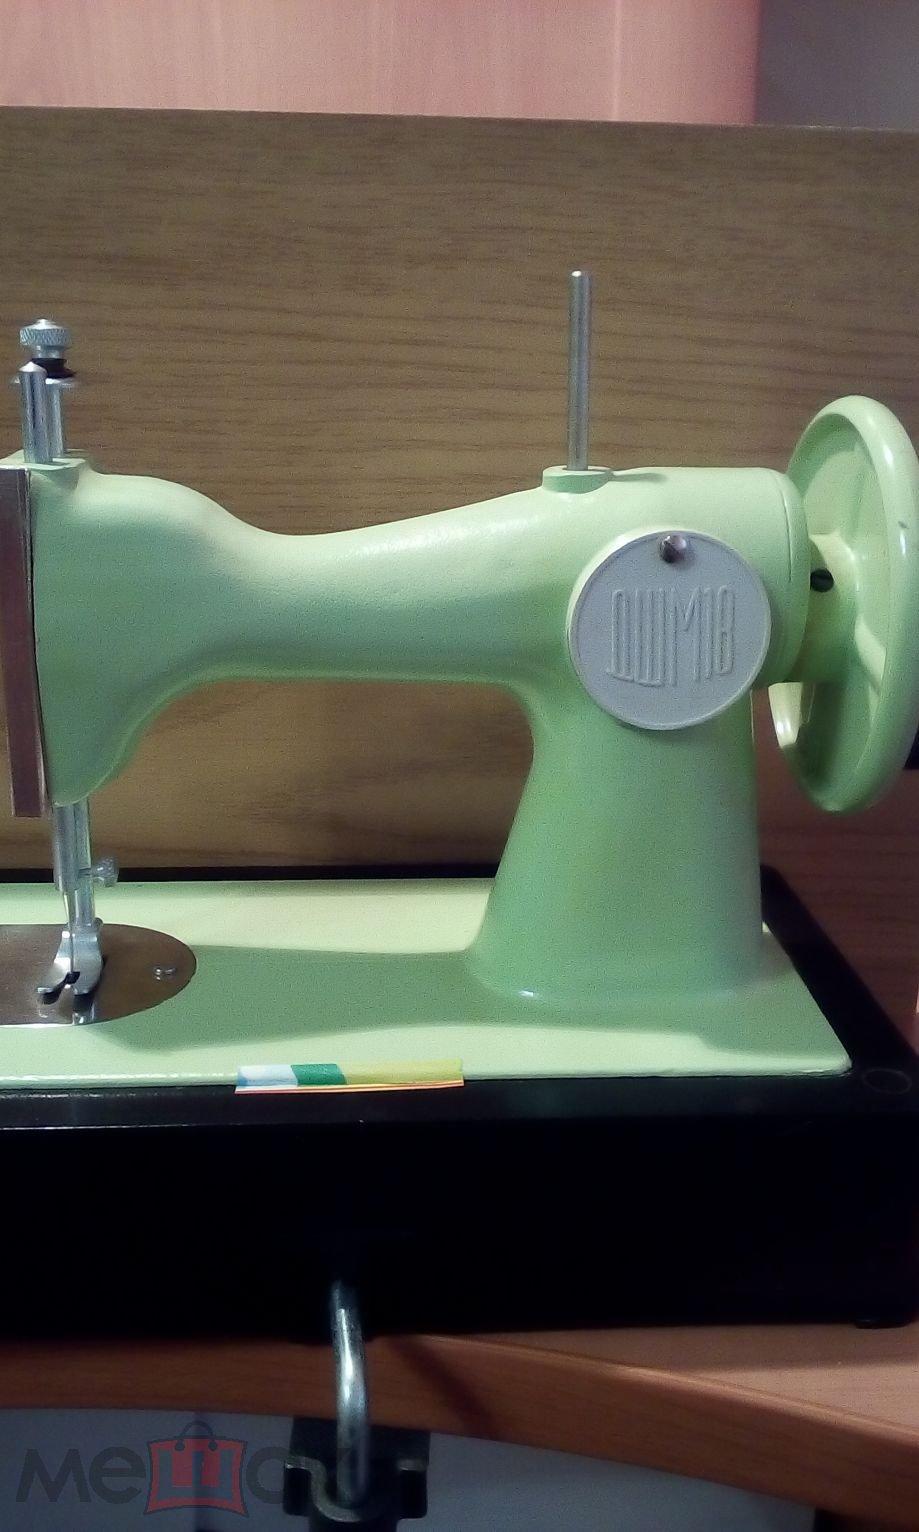 Детская швейная машинка. Игрушка предназначена для привития навыков в шитье детям от 7 до 14 лет.